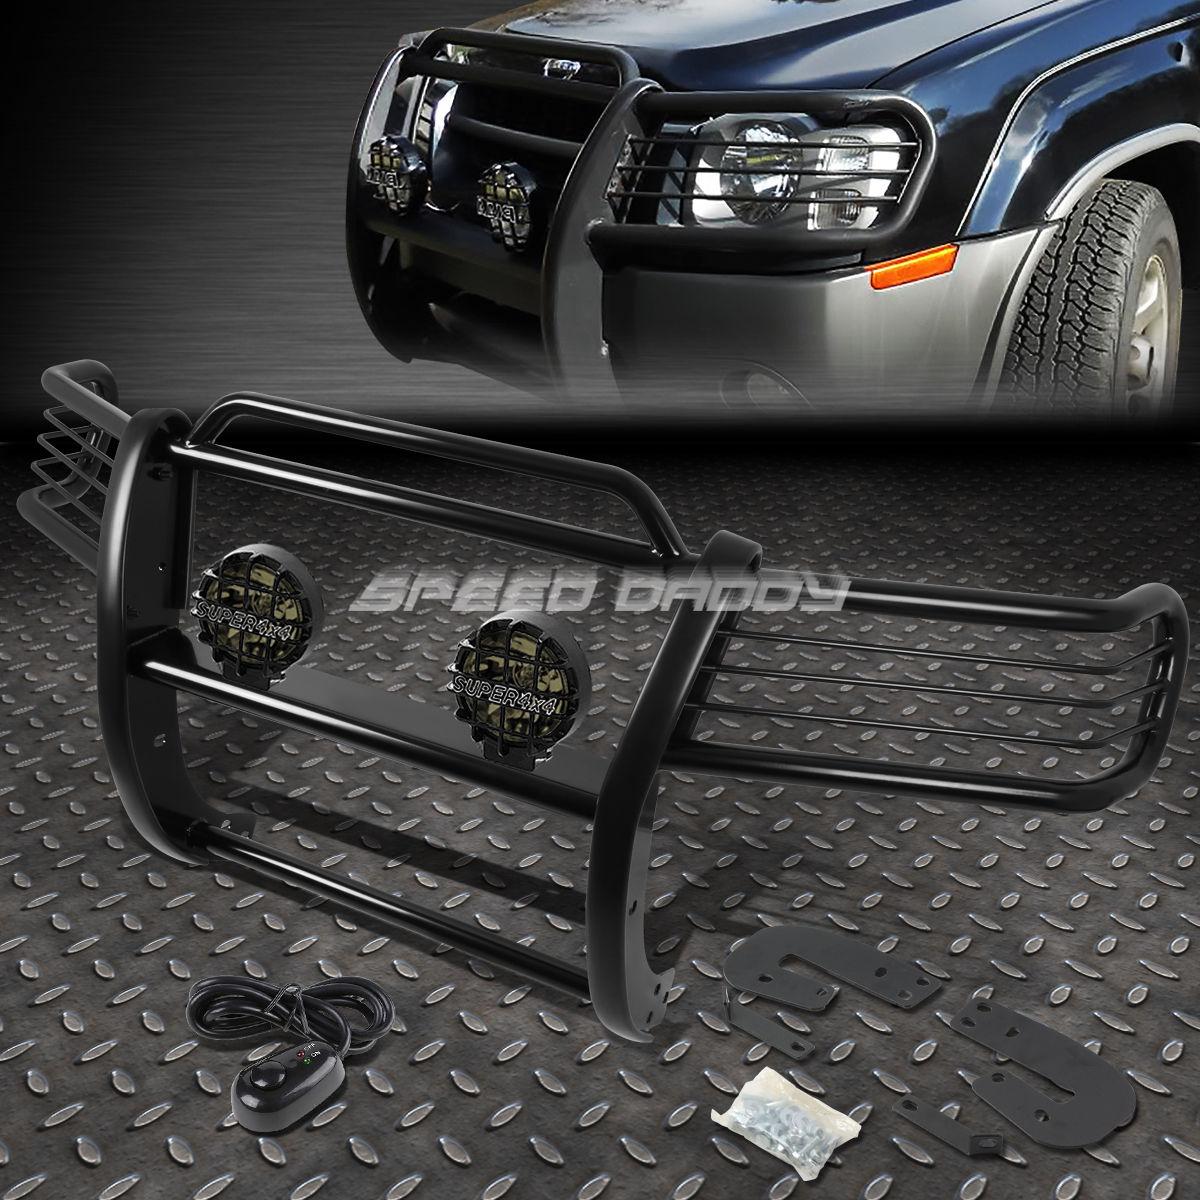 グリル ブラックブラッシュグリルガード+ ROUND SMOKE FOGライト02-04日産XTERRA WD22 SUV BLACK BRUSH GRILLE GUARD+ROUND SMOKE FOG LIGHT FOR 02-04 NISSAN XTERRA WD22 SUV